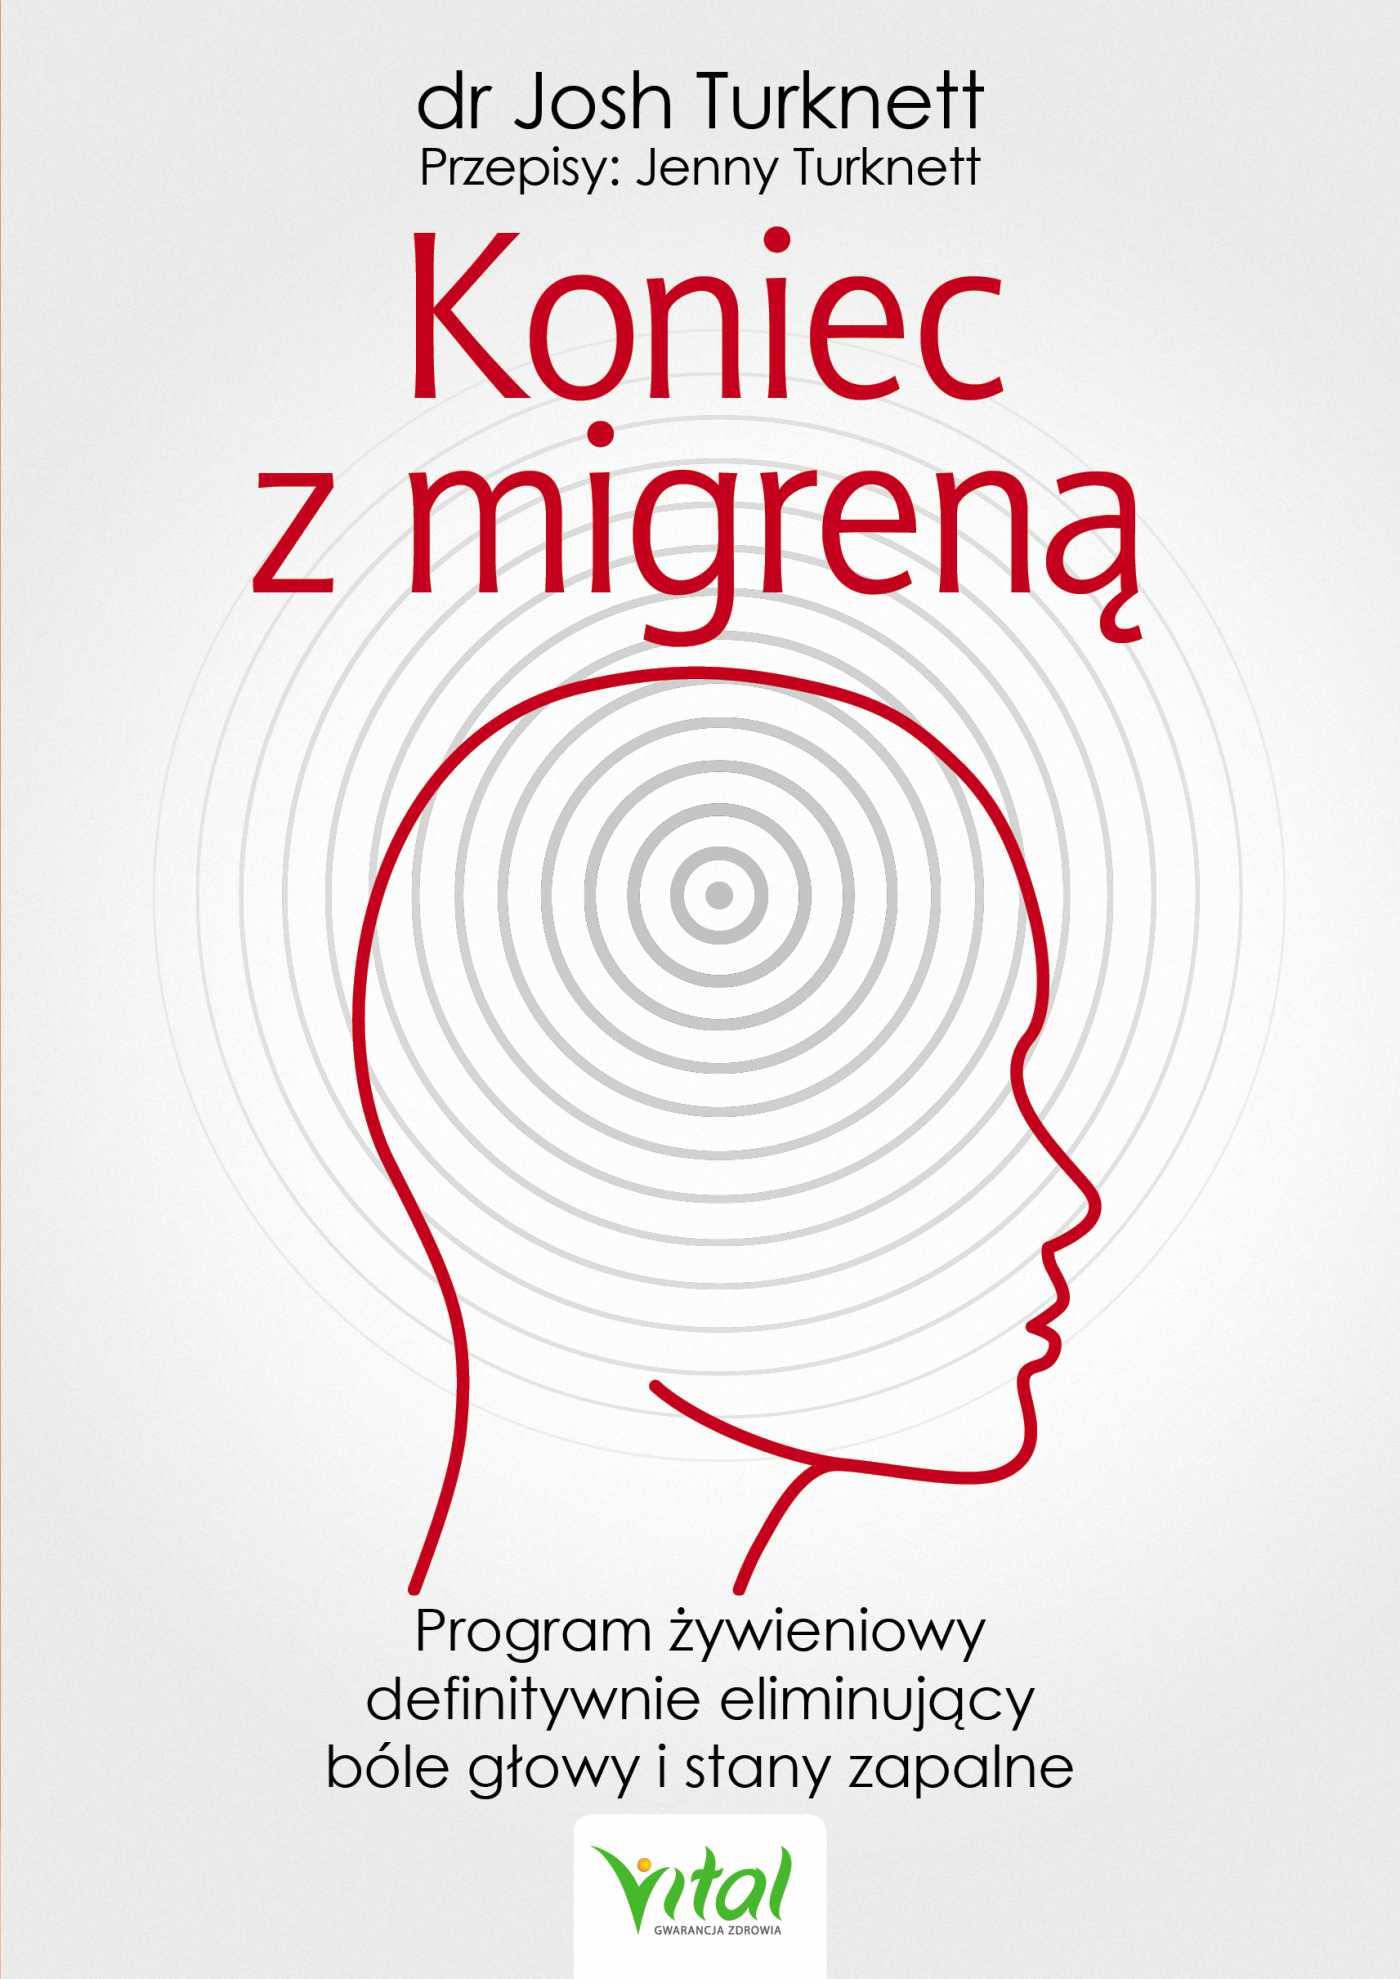 Koniec z migreną. Program żywieniowy definitywnie eliminujący bóle głowy i stany zapalne - Ebook (Książka PDF) do pobrania w formacie PDF